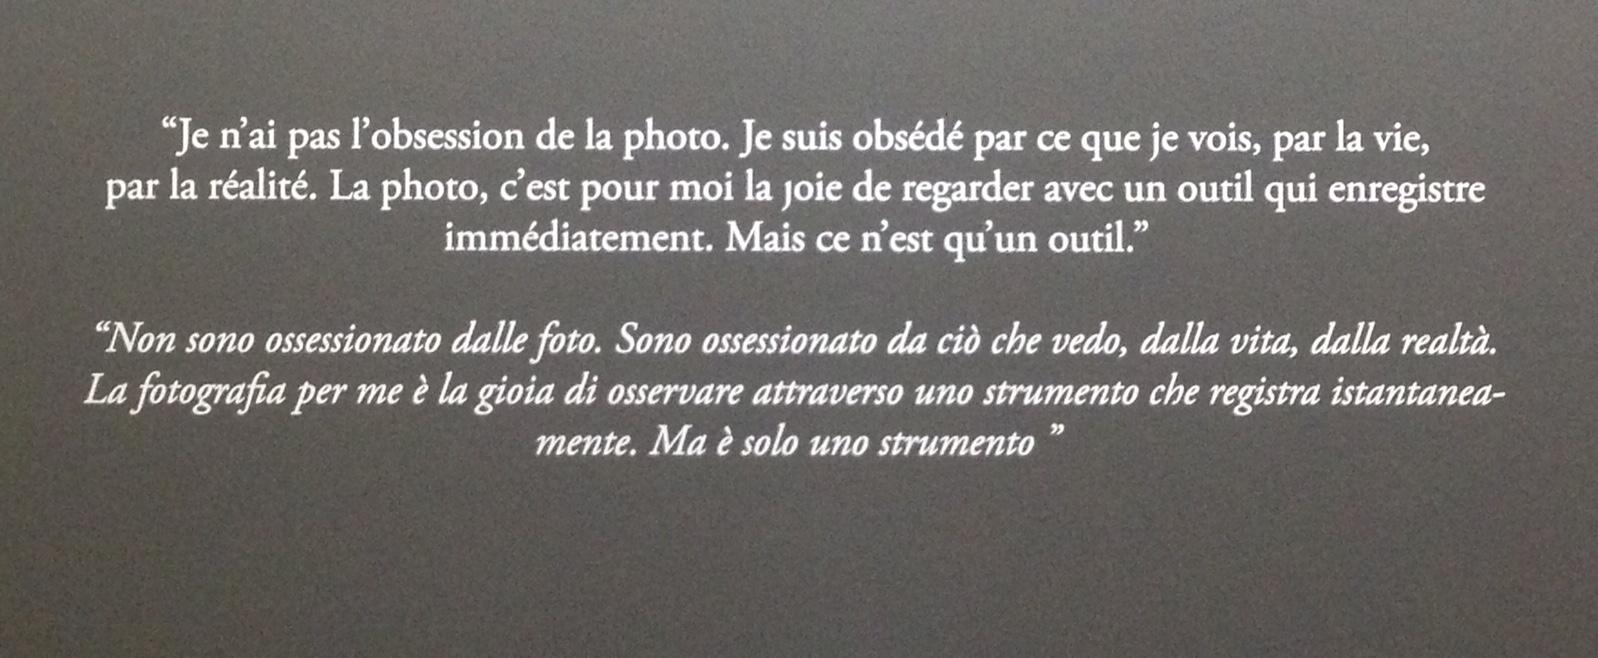 Henri cartier bresson alla reggia di monza fino al 26 for Cartier bresson monza